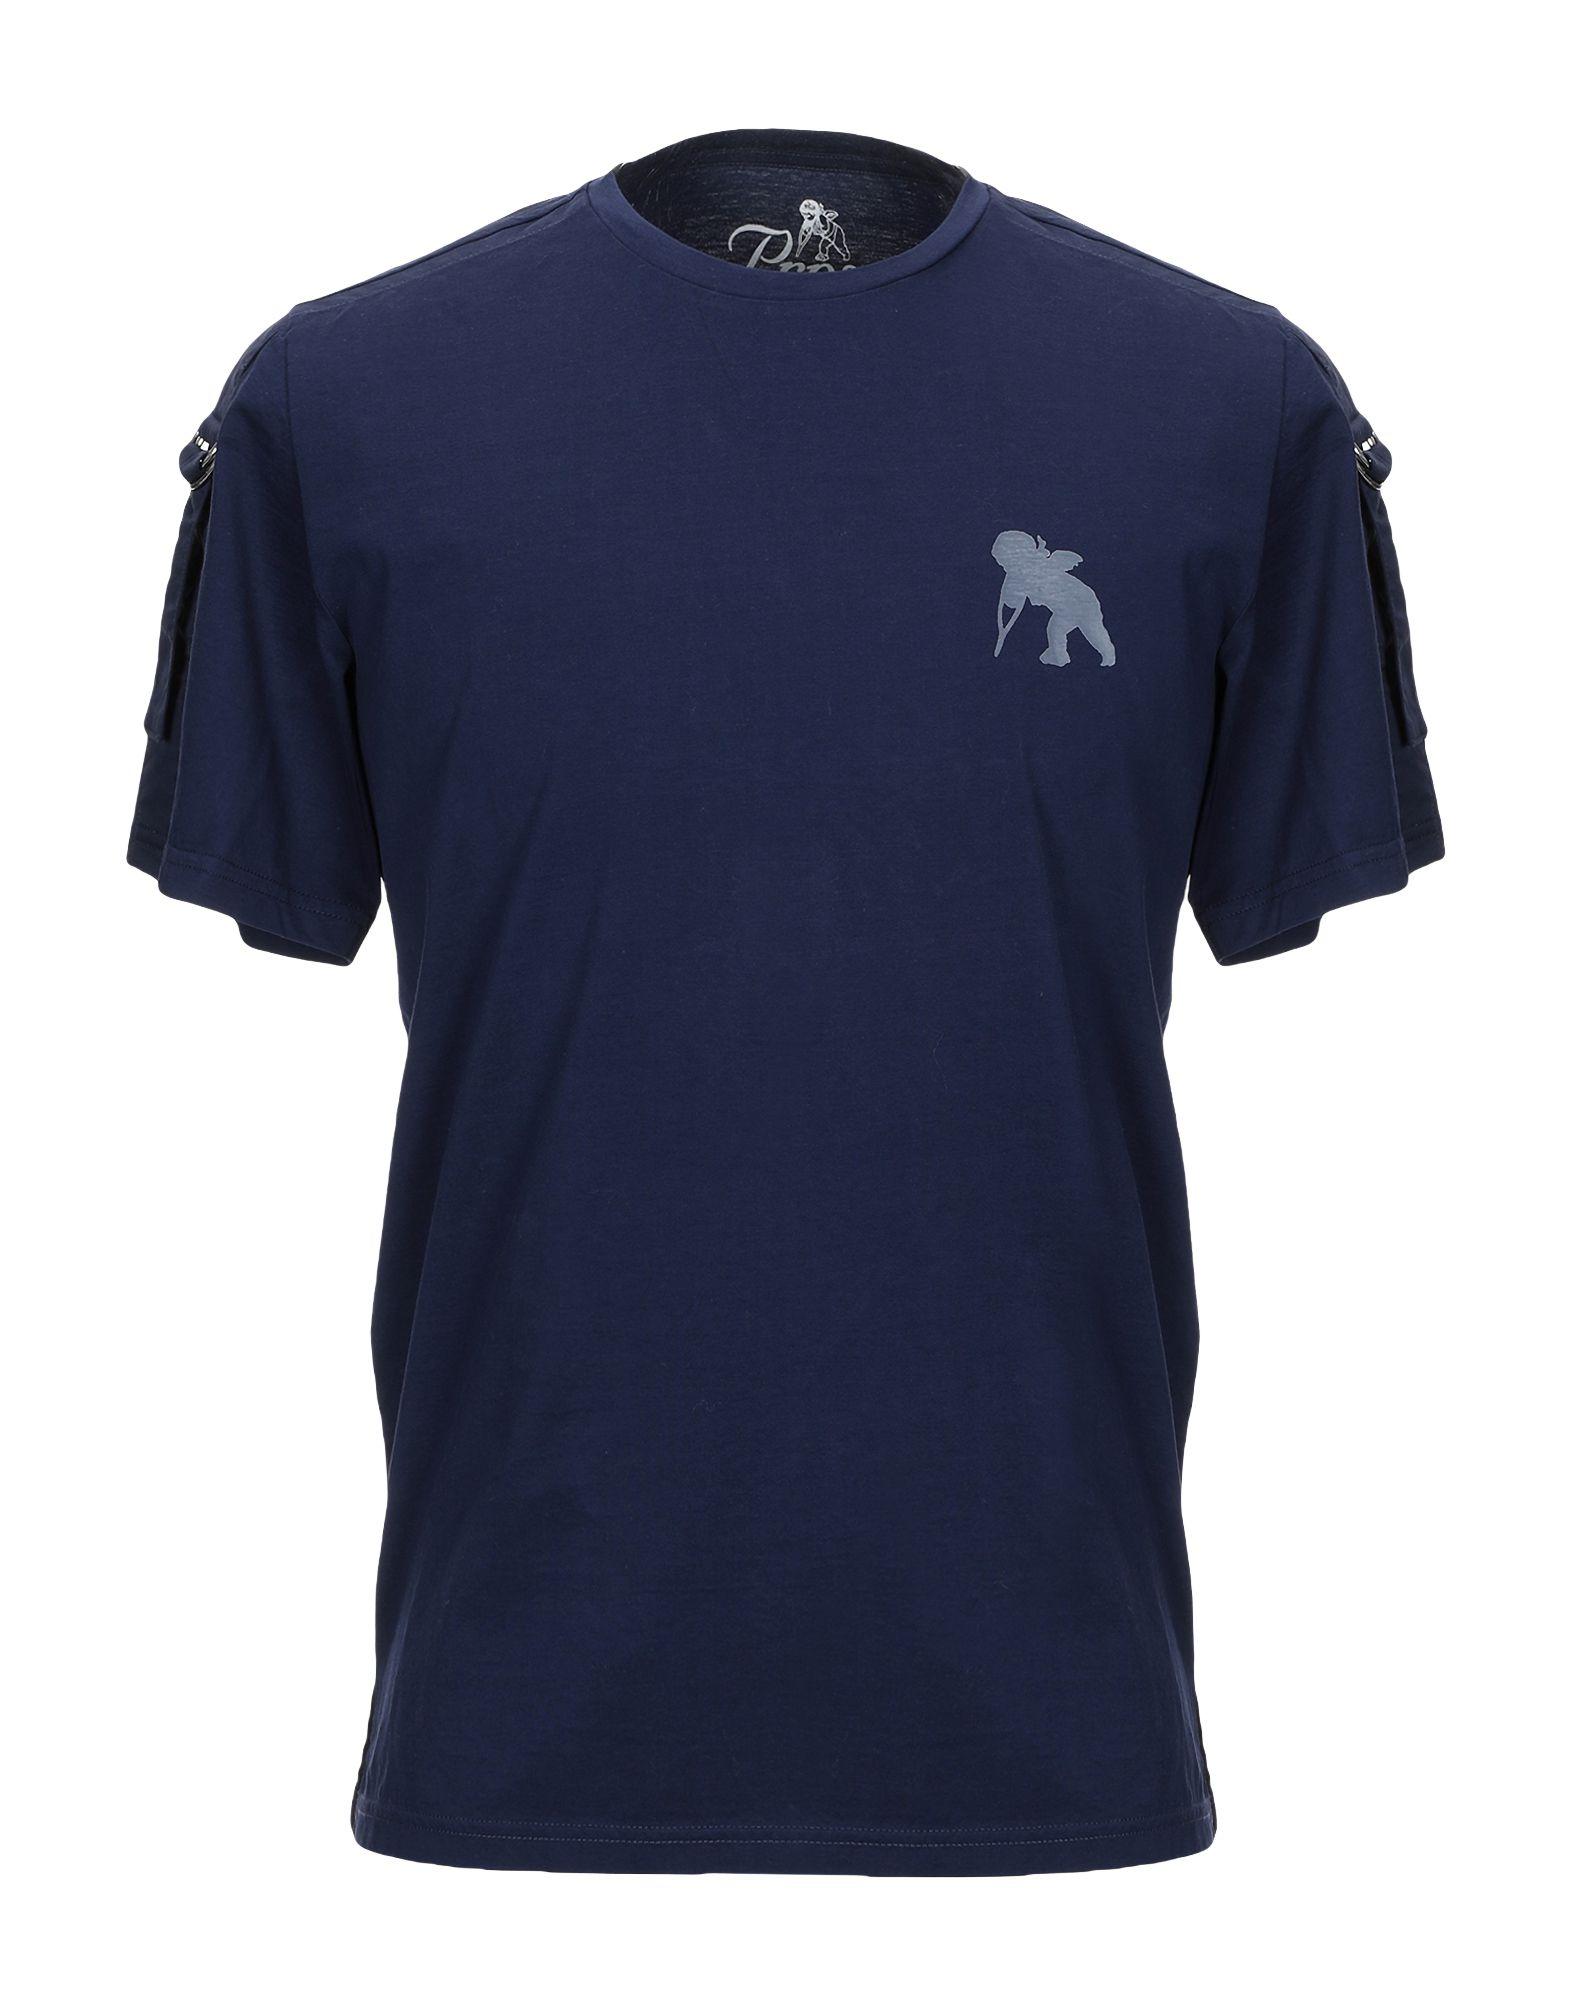 T-Shirt Prps herren - 12307445DX